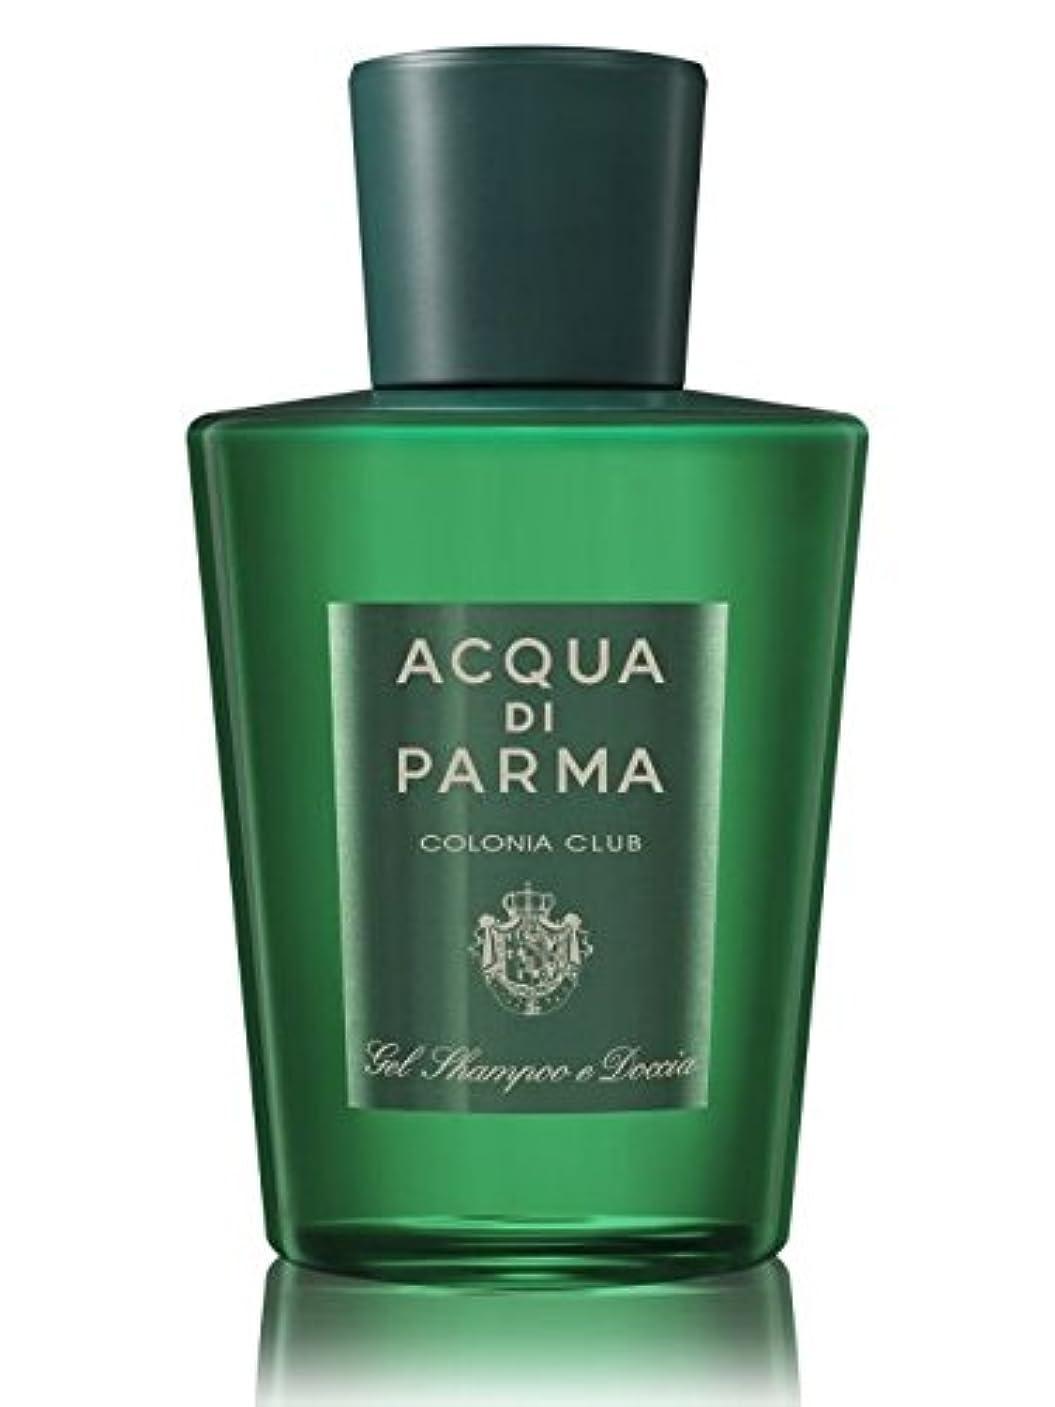 悲観的人種シンポジウムAcqua di Parma Colonia Club (アクア ディ パルマ コロニア クラブ) 6.7 oz (200ml) Hair & Shower Gel